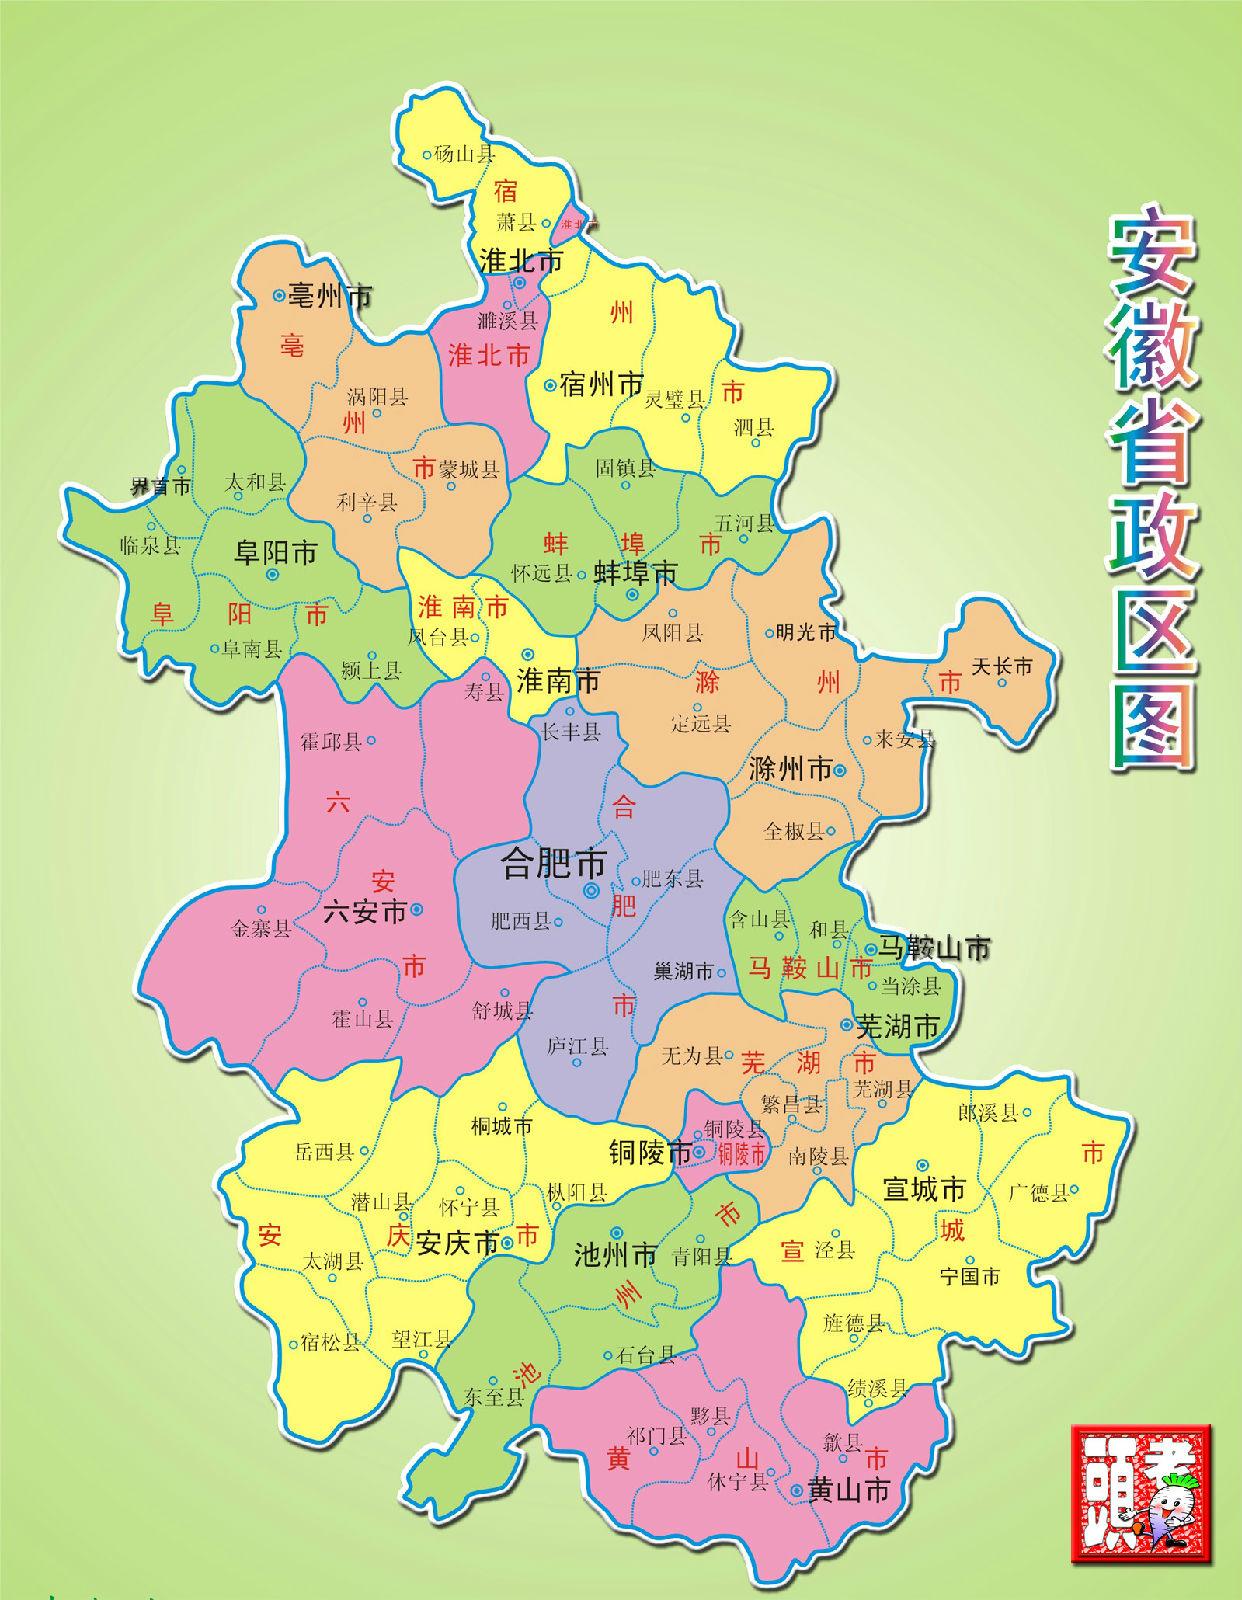 新中国行政区划地图【相关词_ 最新中国行政区划地图】图片